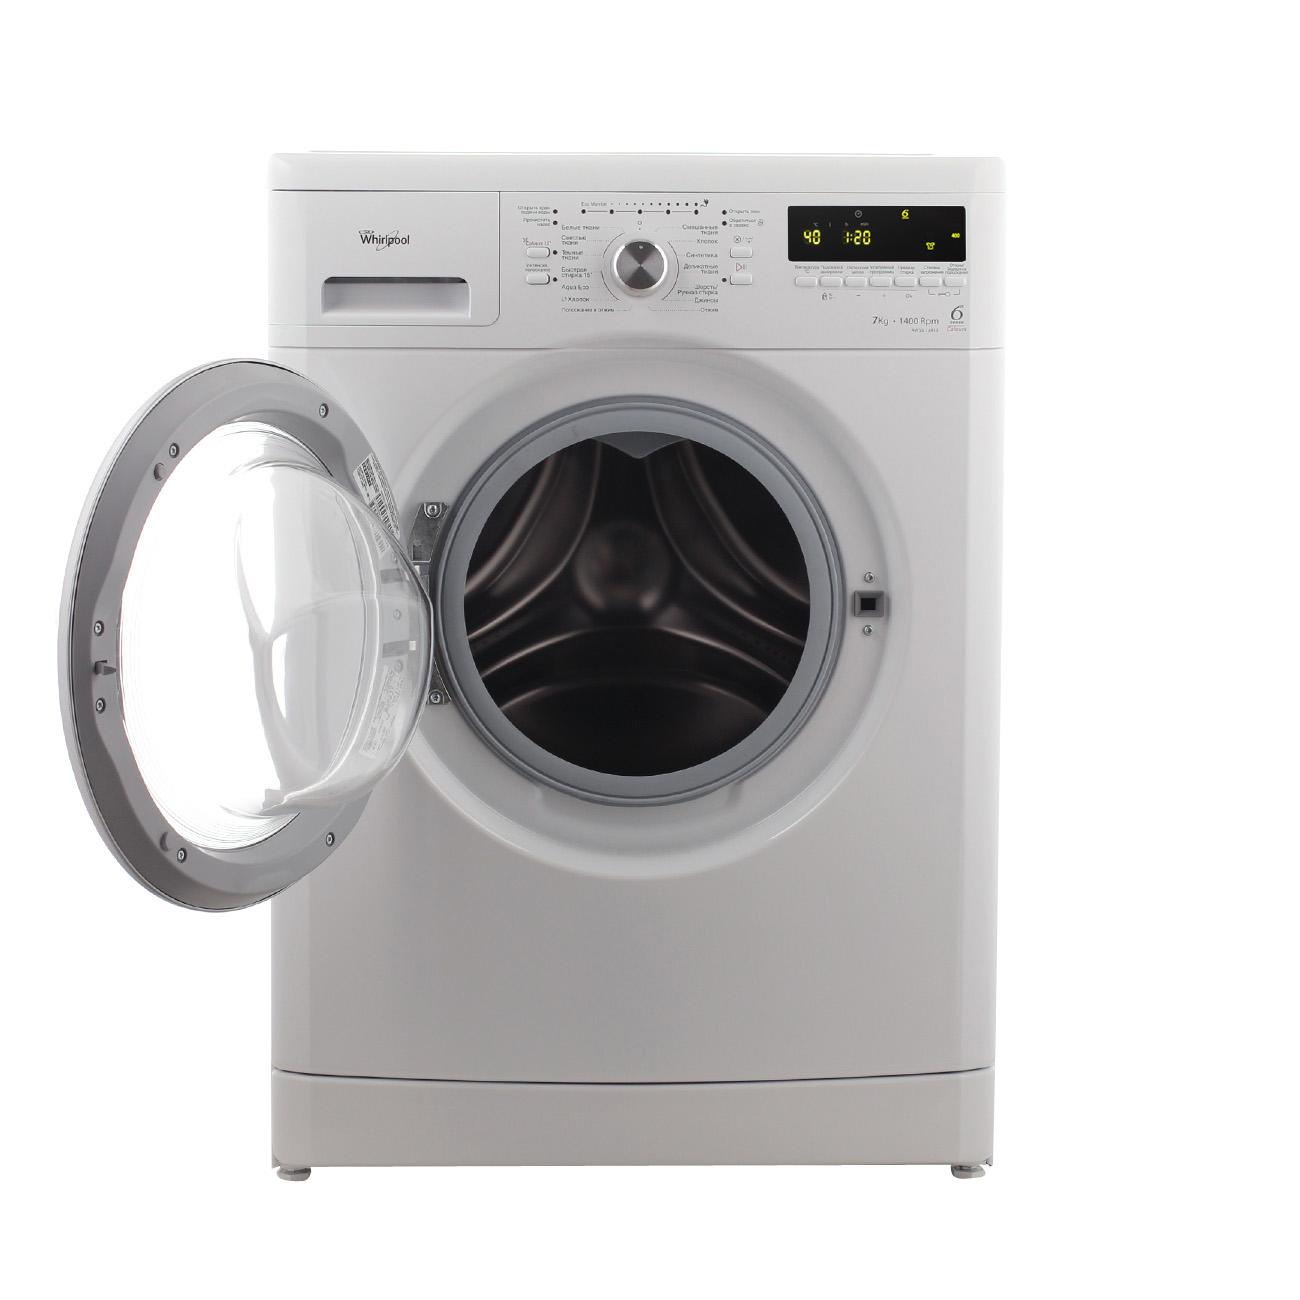 whirlpool кондиционер инструкция по применению